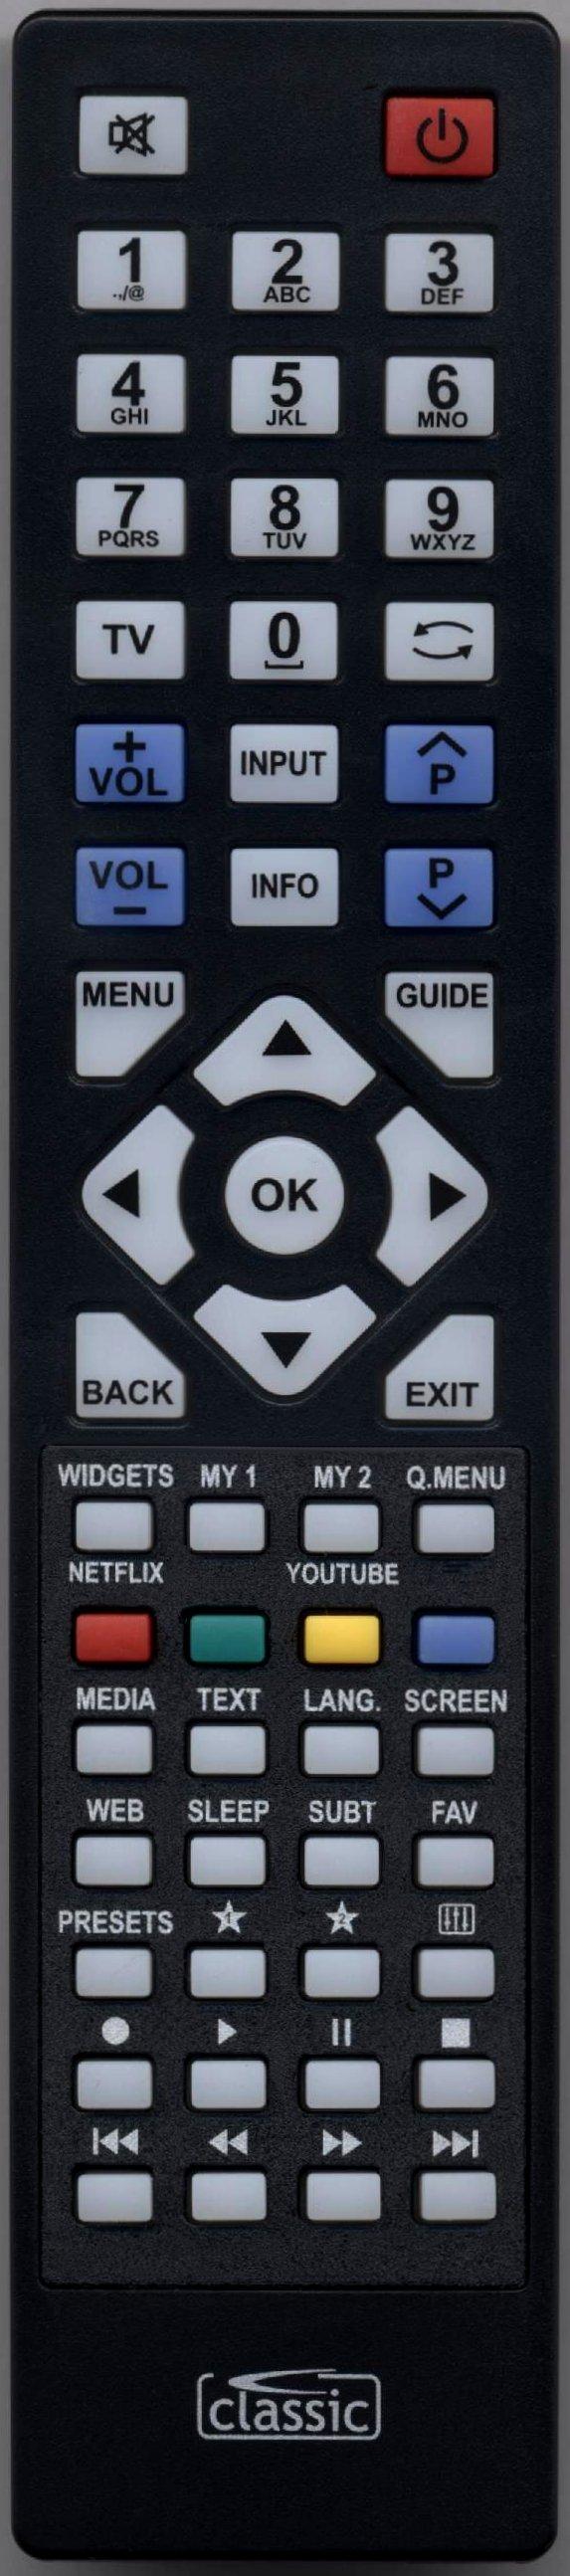 POLAROID P55D300 Remote Control